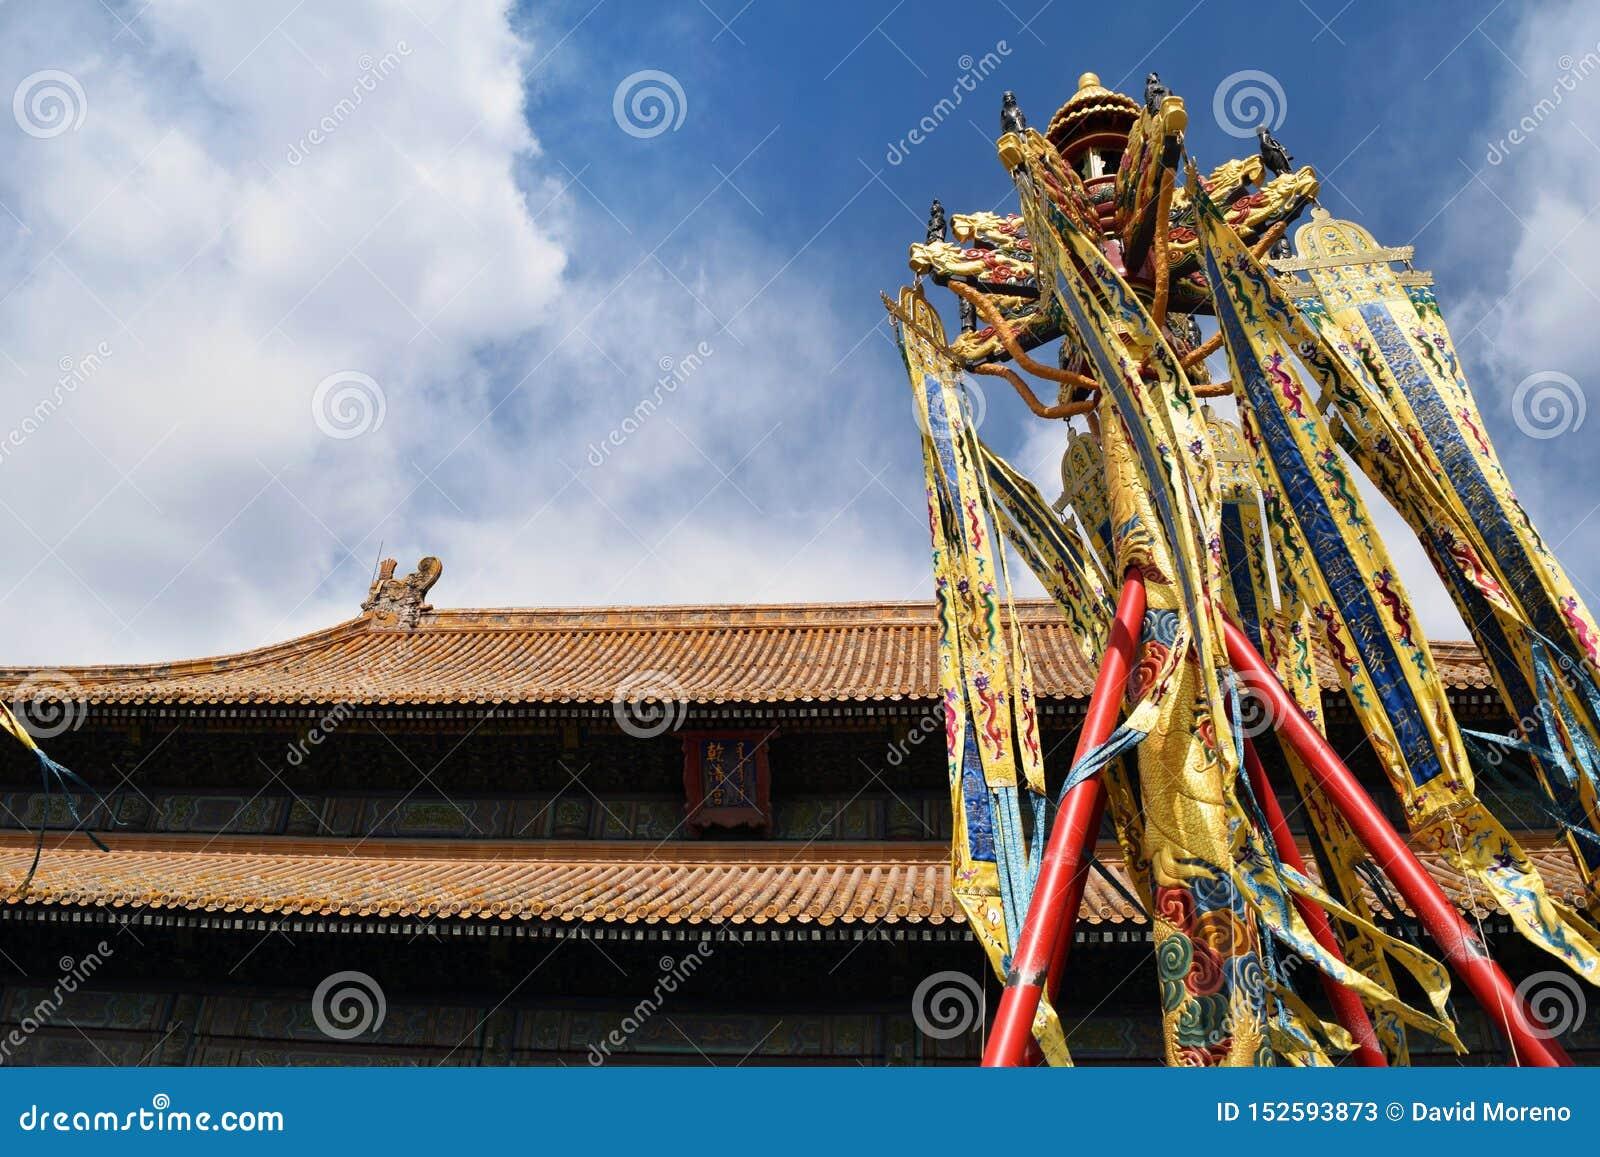 Bandera de Vietnam en el templo de Jade Mountain en el lago Hoan Kiem, Hanoi, Vietnam